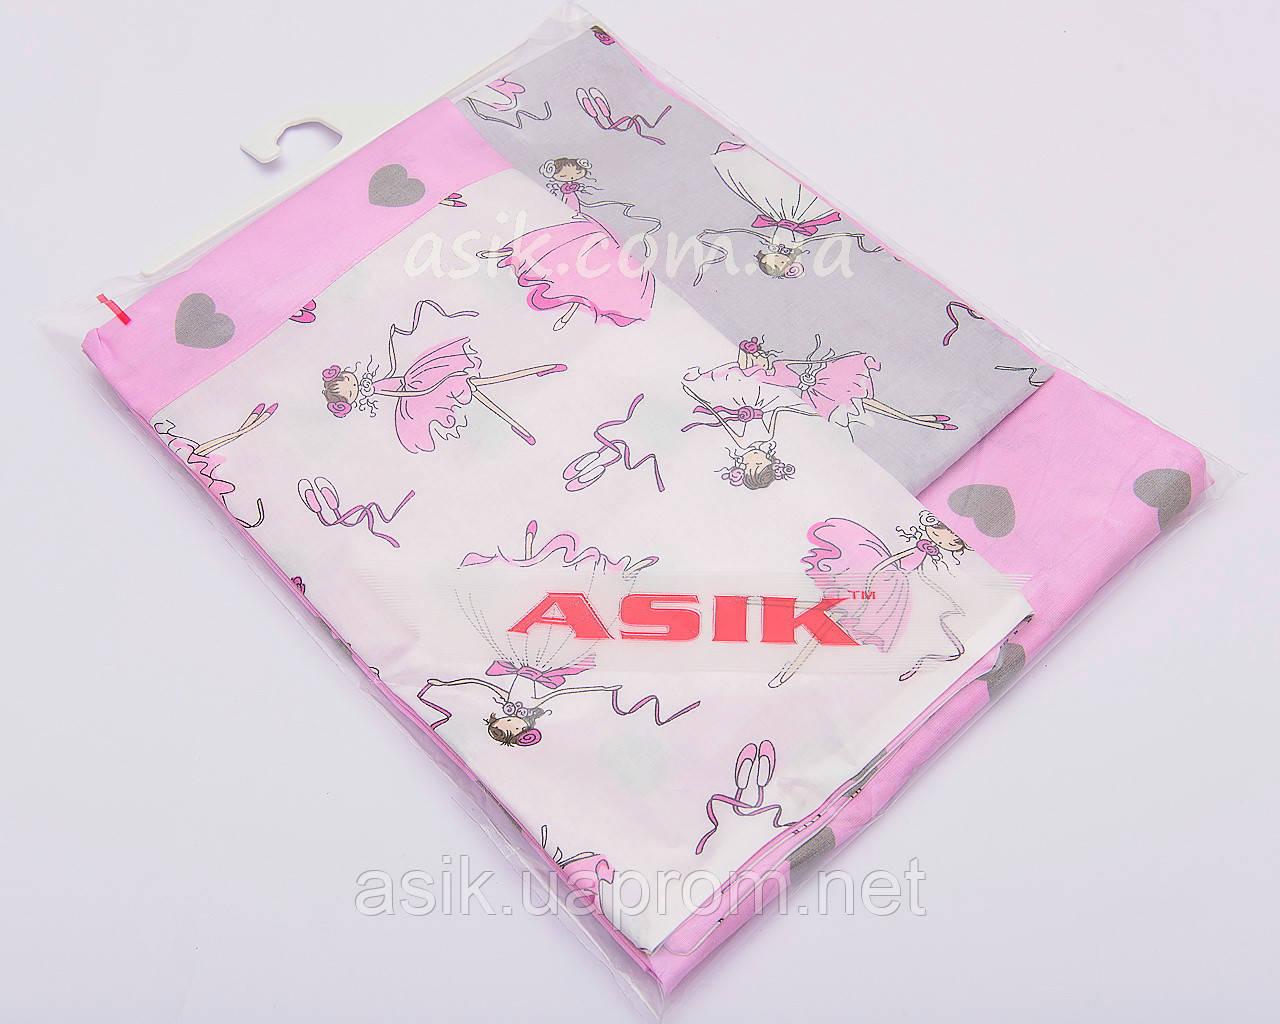 Сменная постель Asik Маленькая балерина серо-розового цвета 3 предмета (3-252)